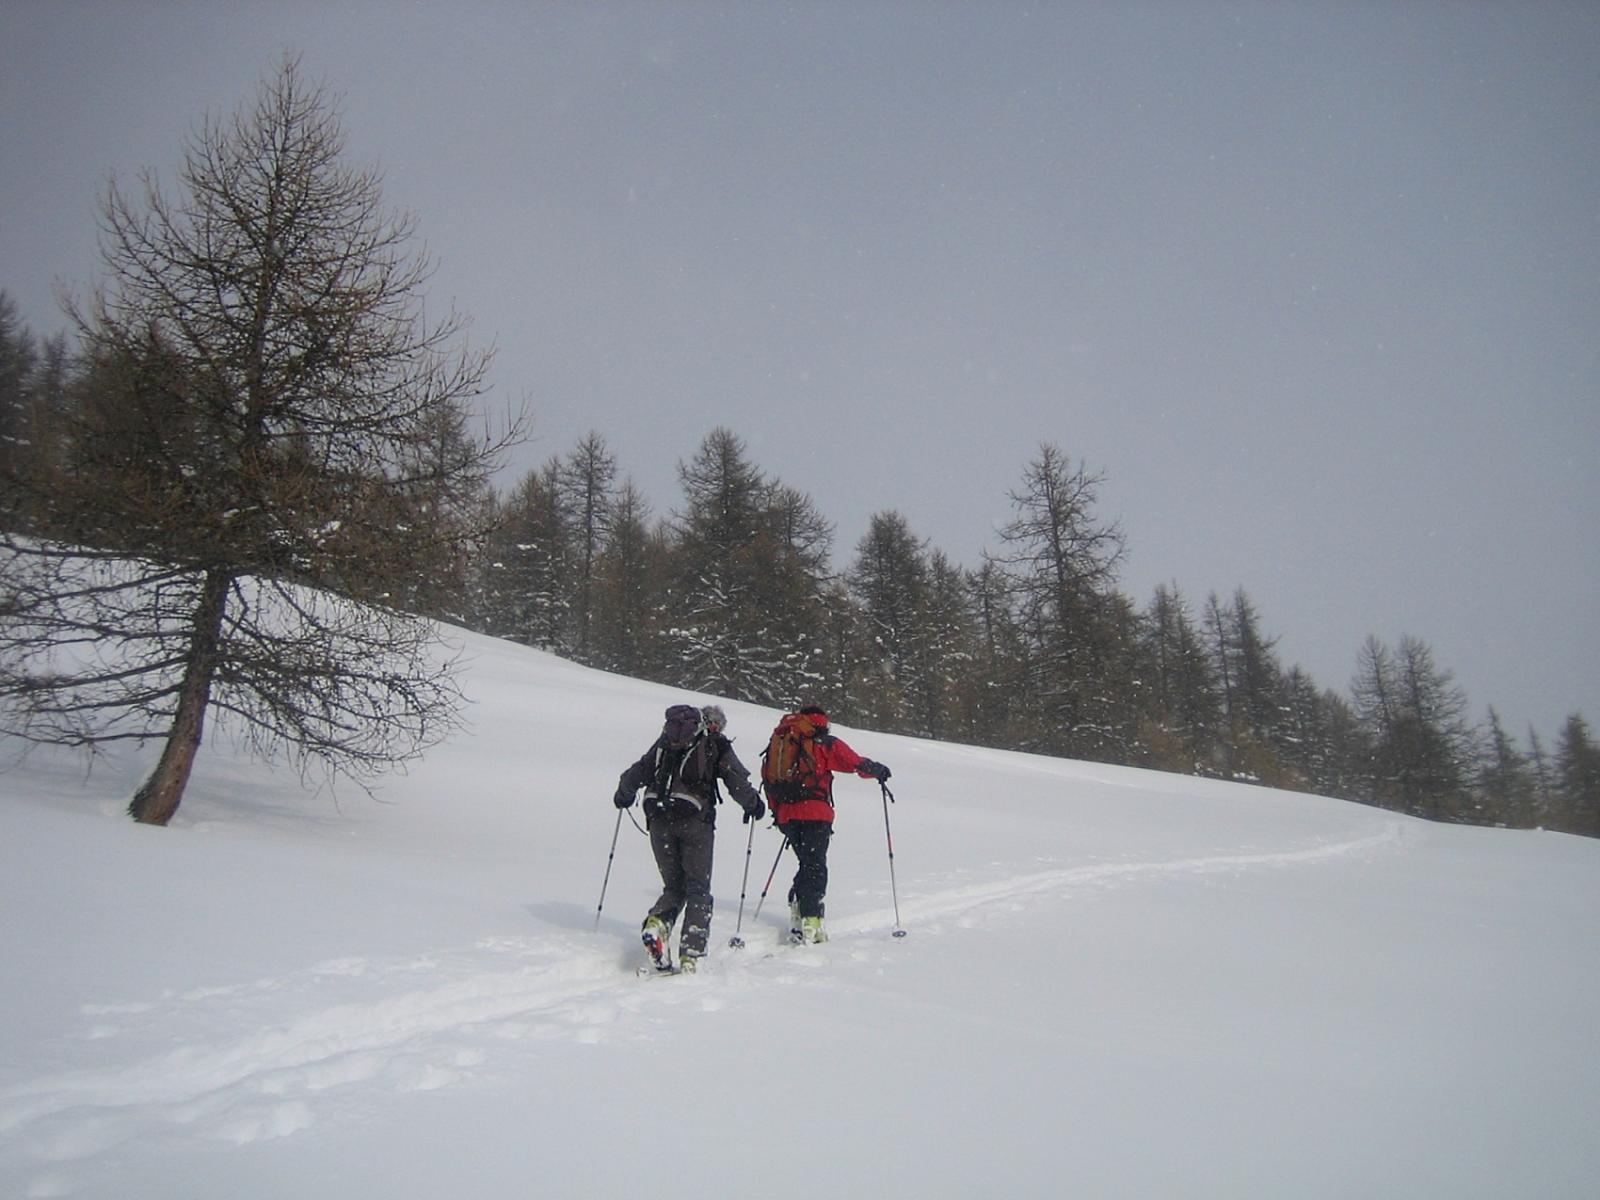 salita sotto una leggera nevicata